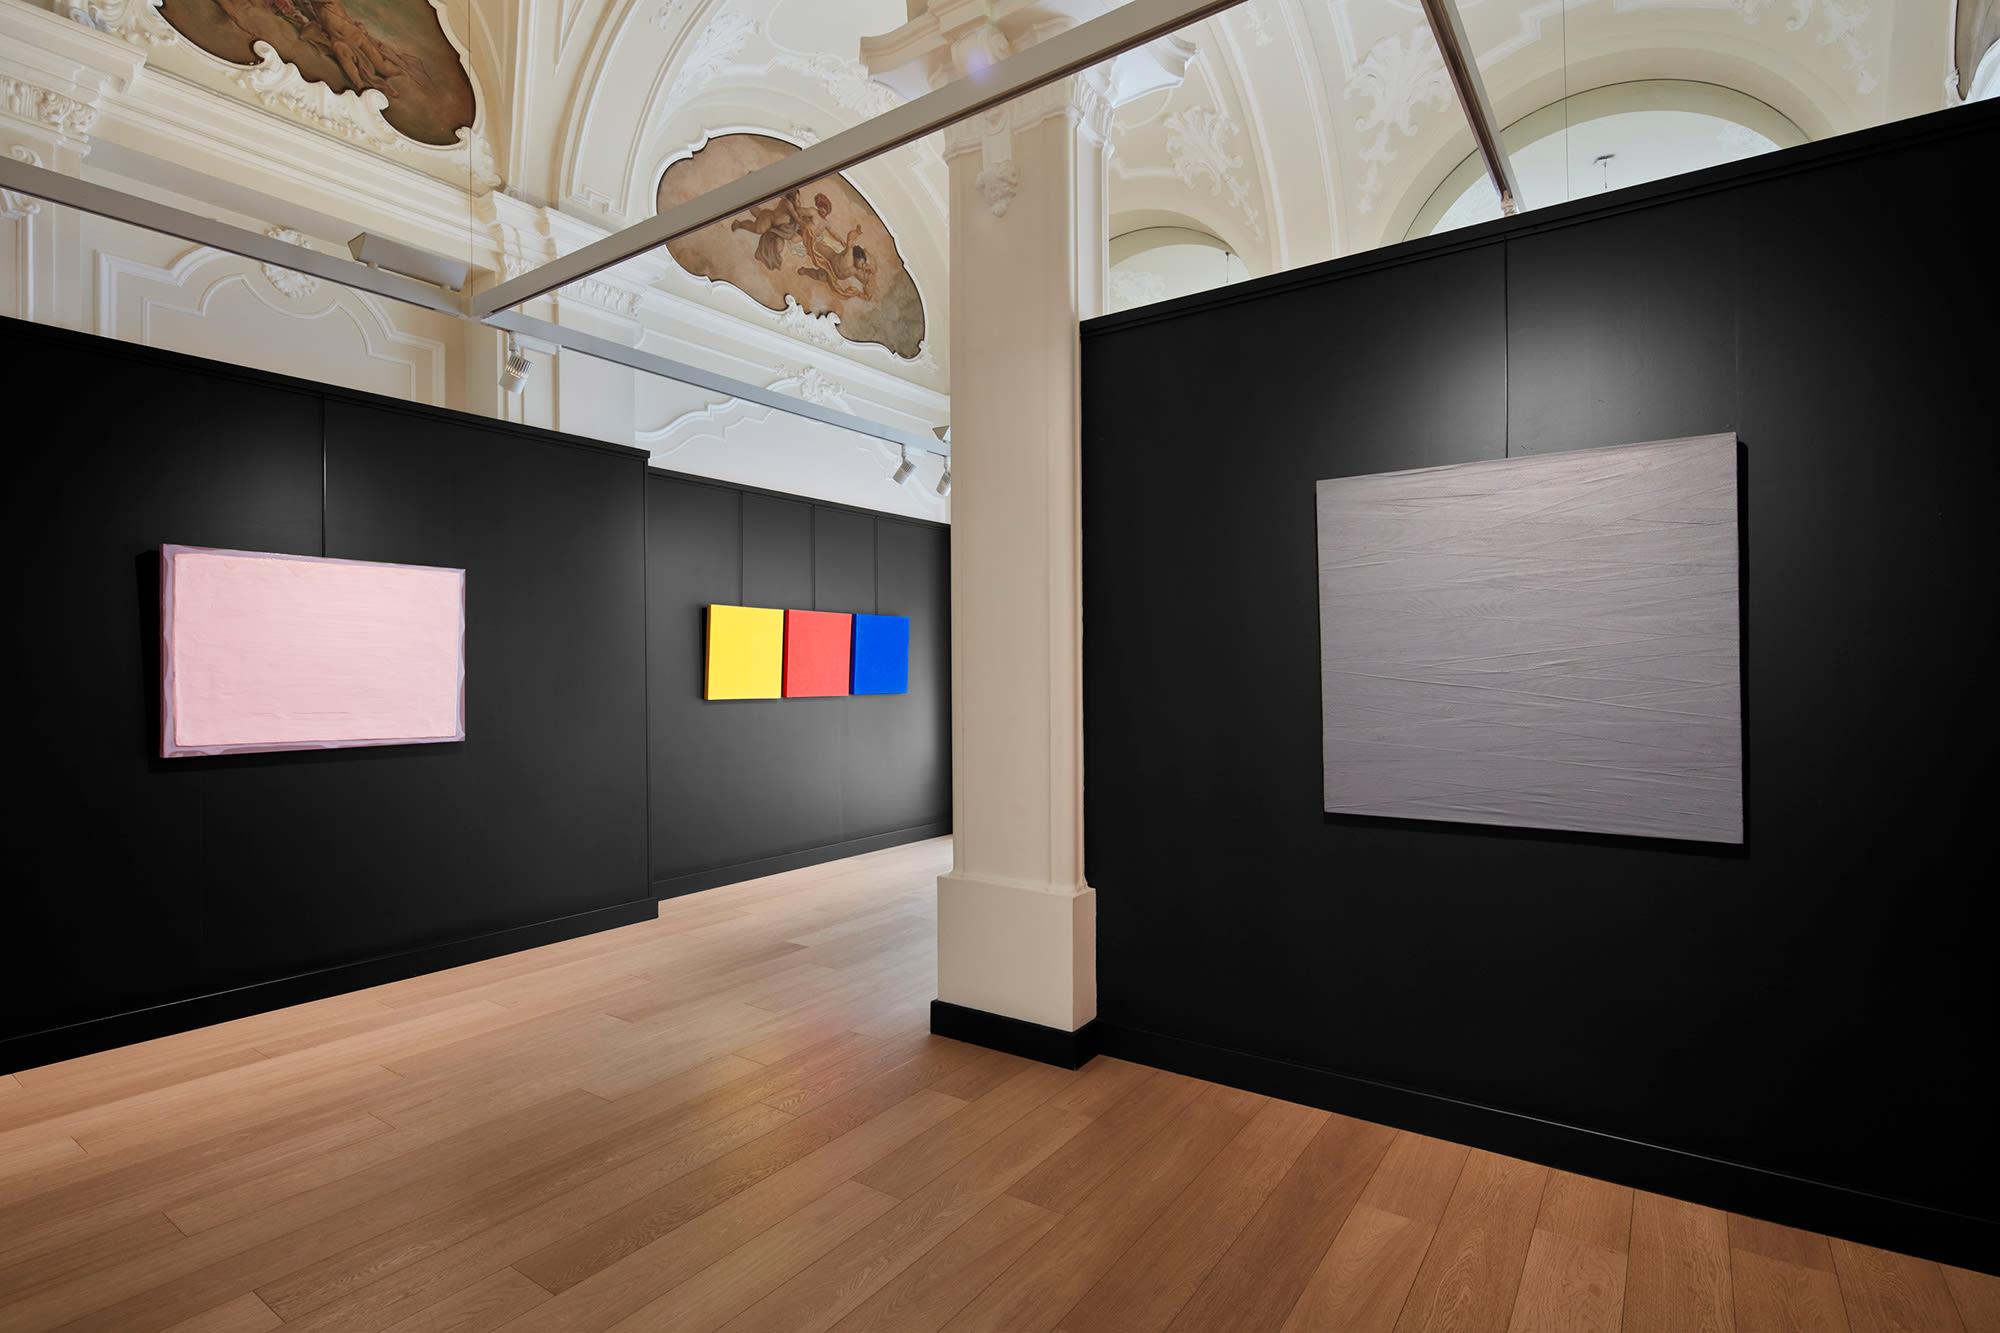 Pittura Analitica: Ieri e Oggi | Galleria Mazzoleni